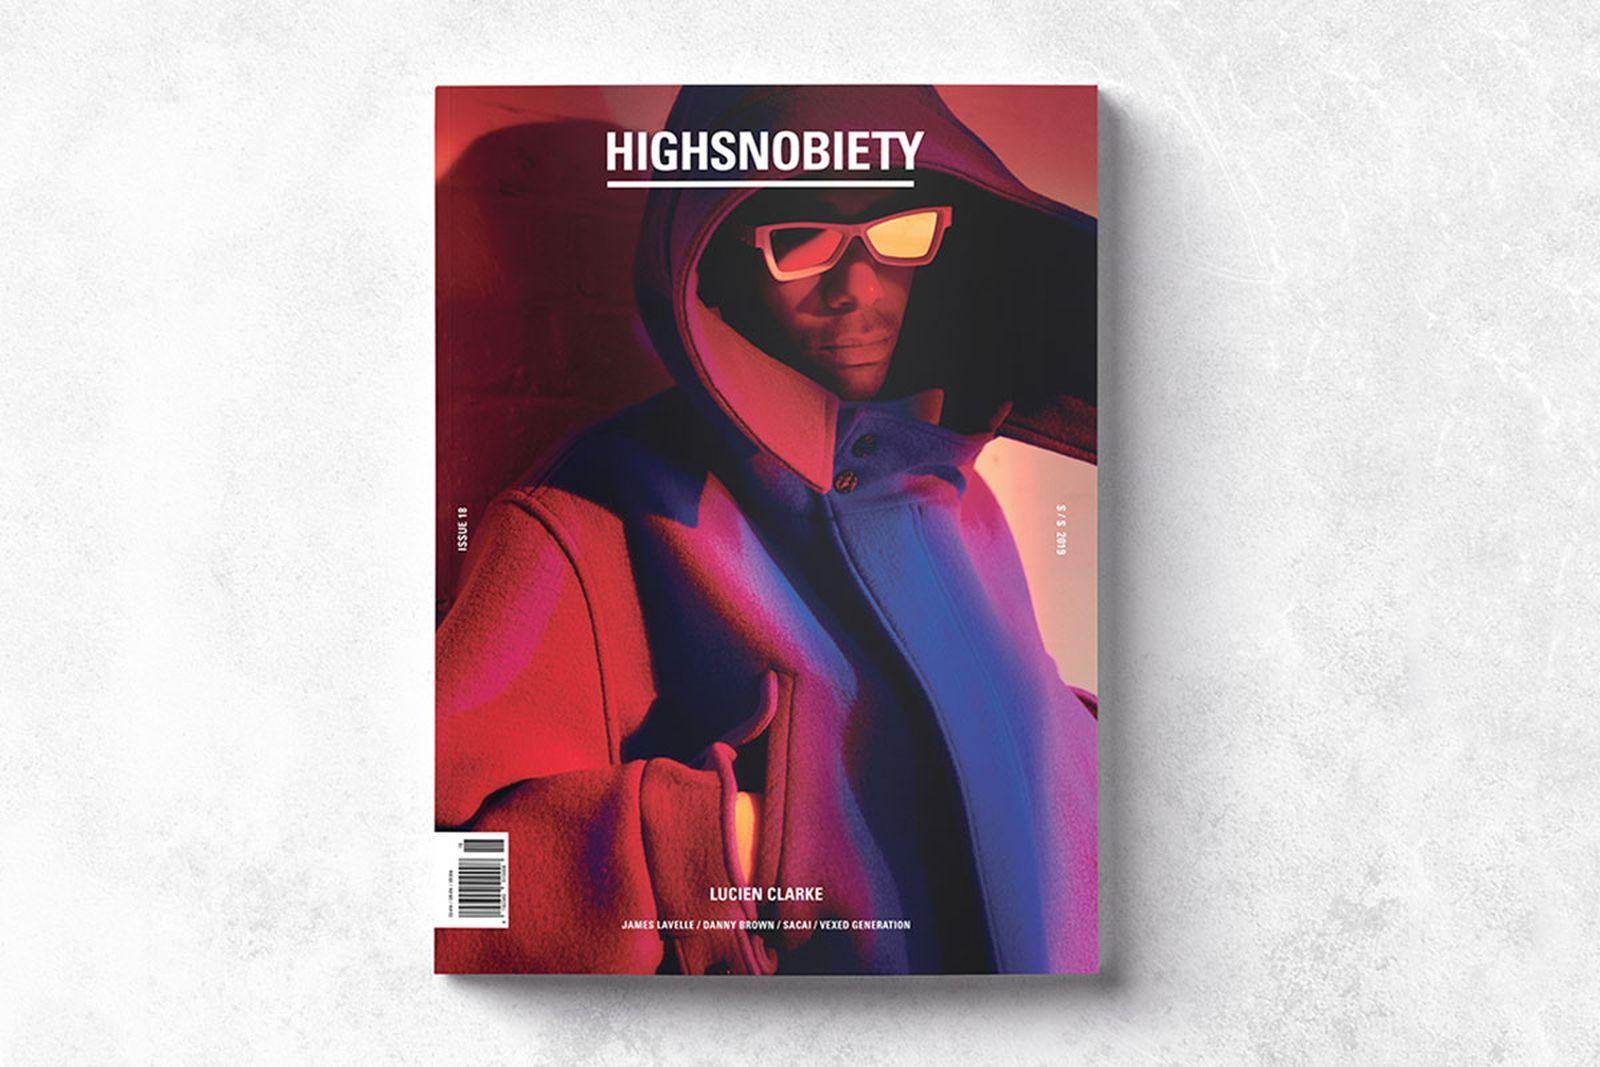 highsnobiety magazine issue 17 lucien clarke Highsnobiety Magazine Issue 18 chitose abe sacai